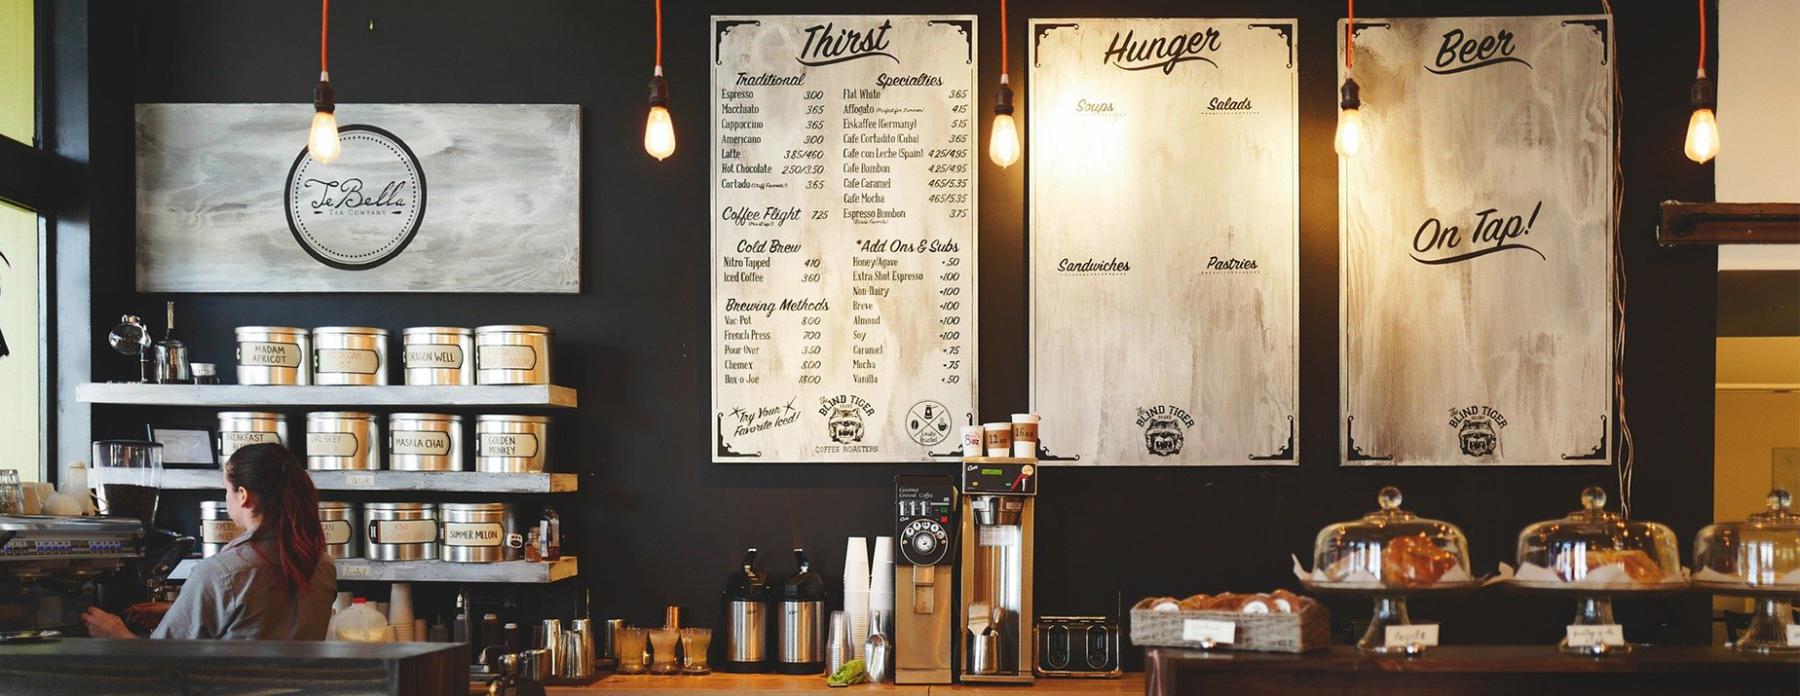 impression en ligne pour les restaurants, marketing imprimé restaurant, imprimerie marseille, imprimerie papeo, imprimer menu de restaurant, imprimer sets de table